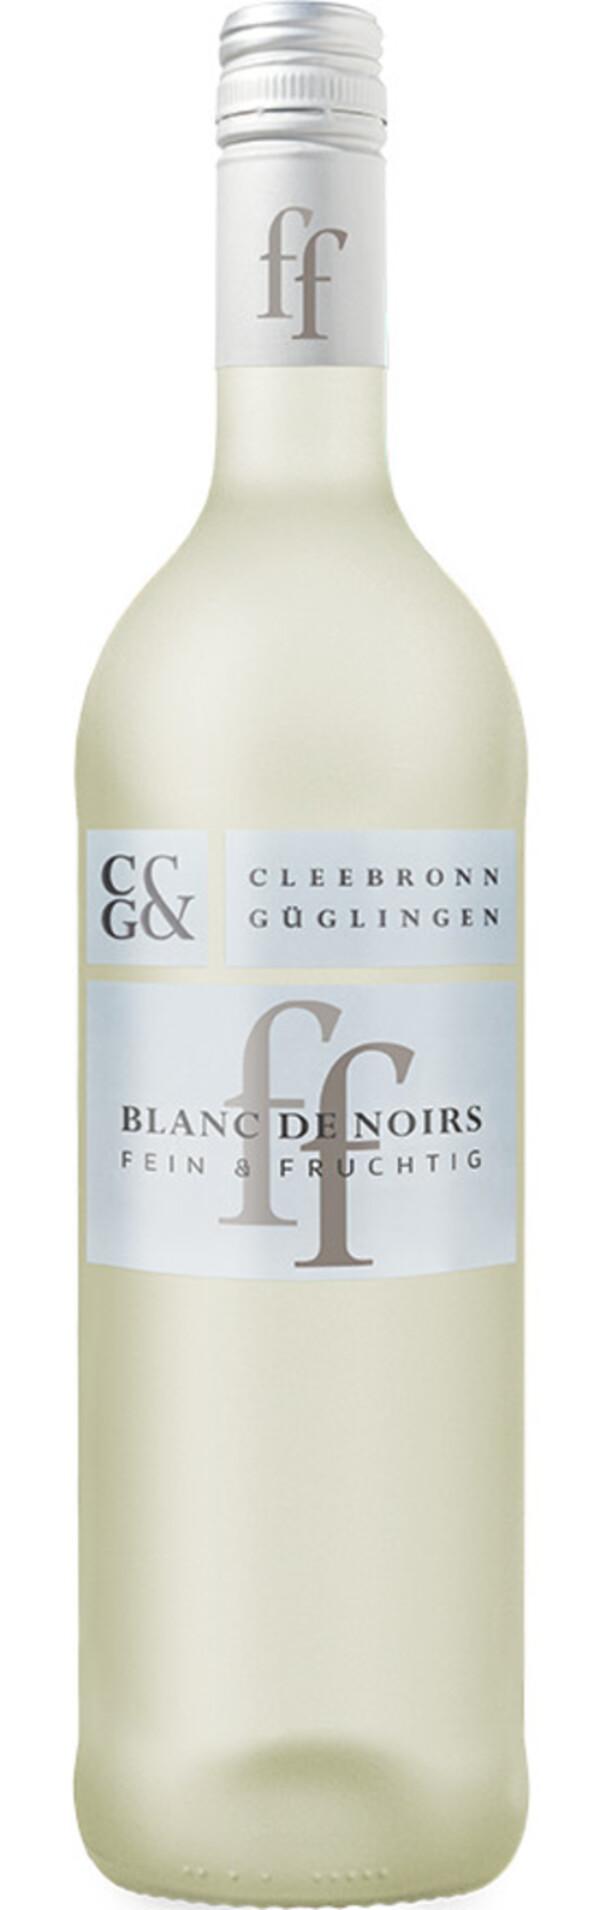 Cleebronn Güglingen Fein & Fruchtig Blanc de Noirs 2019 0,75 ltr